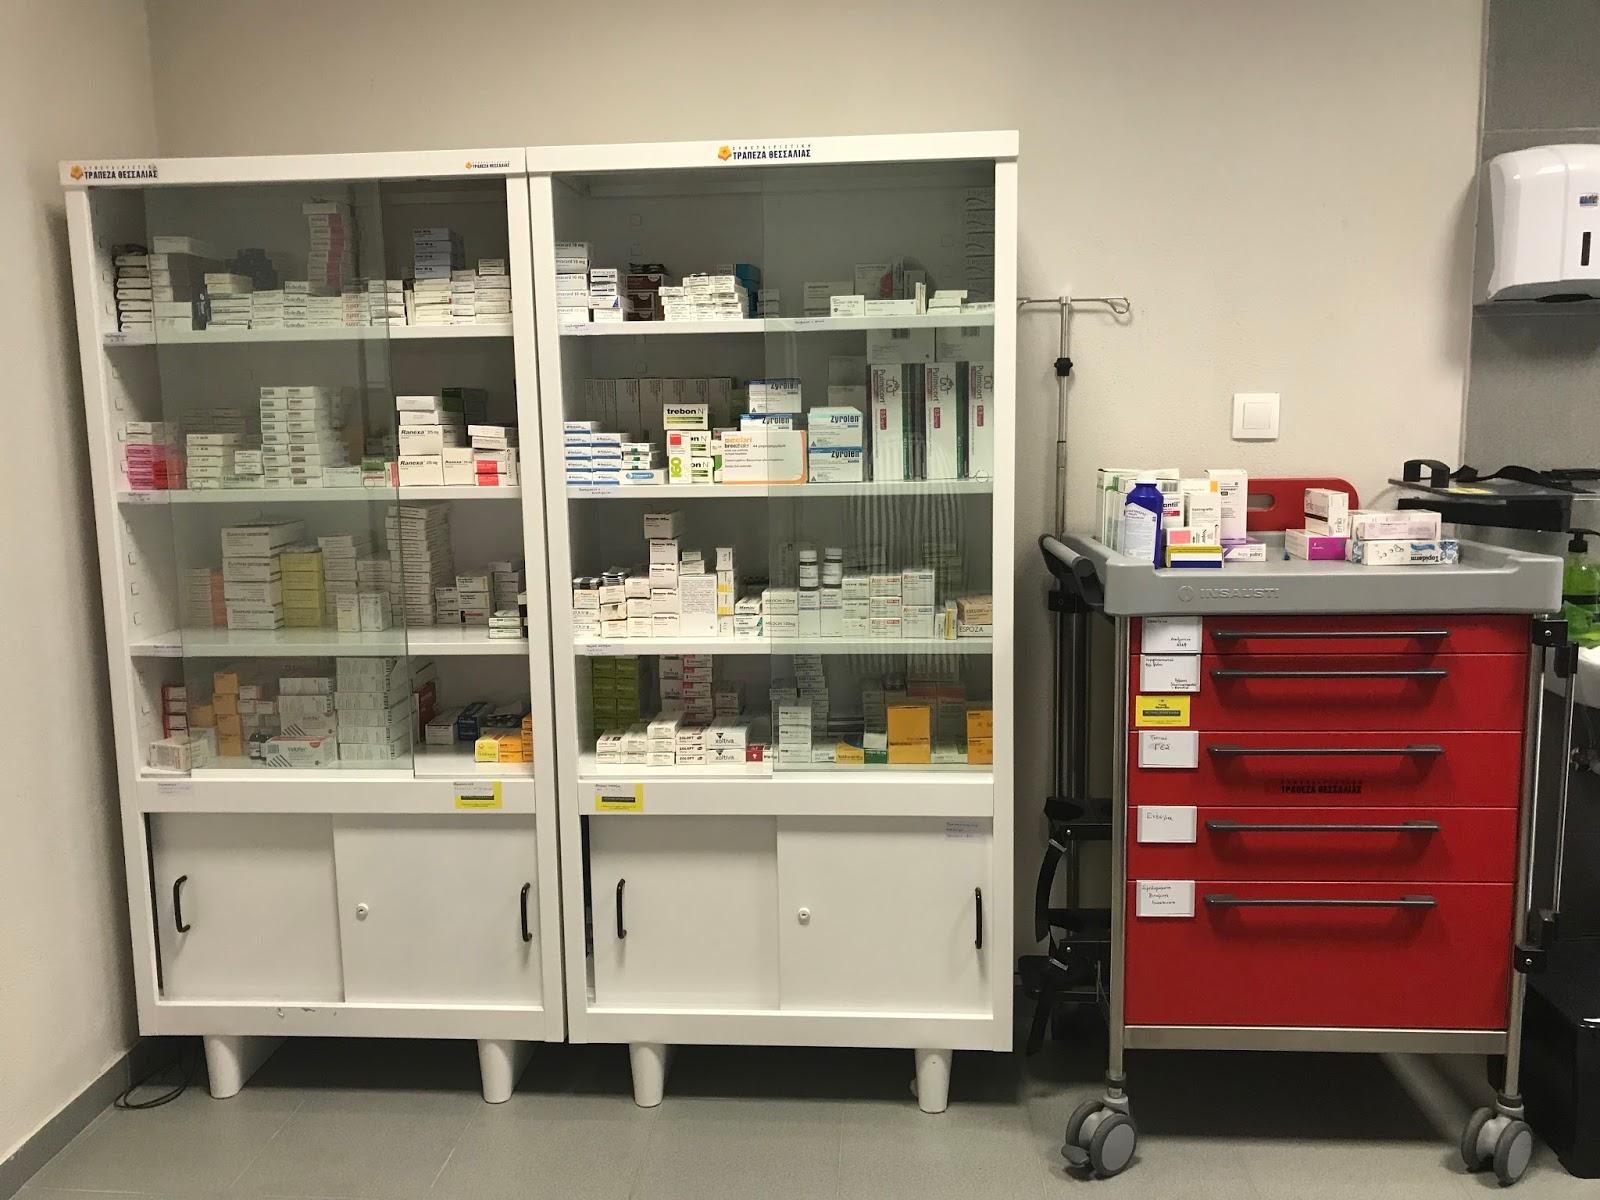 Ξεκινάει την λειτουργία του το Κοινωνικό Φαρμακείο του Δήμου Λαρισαίων